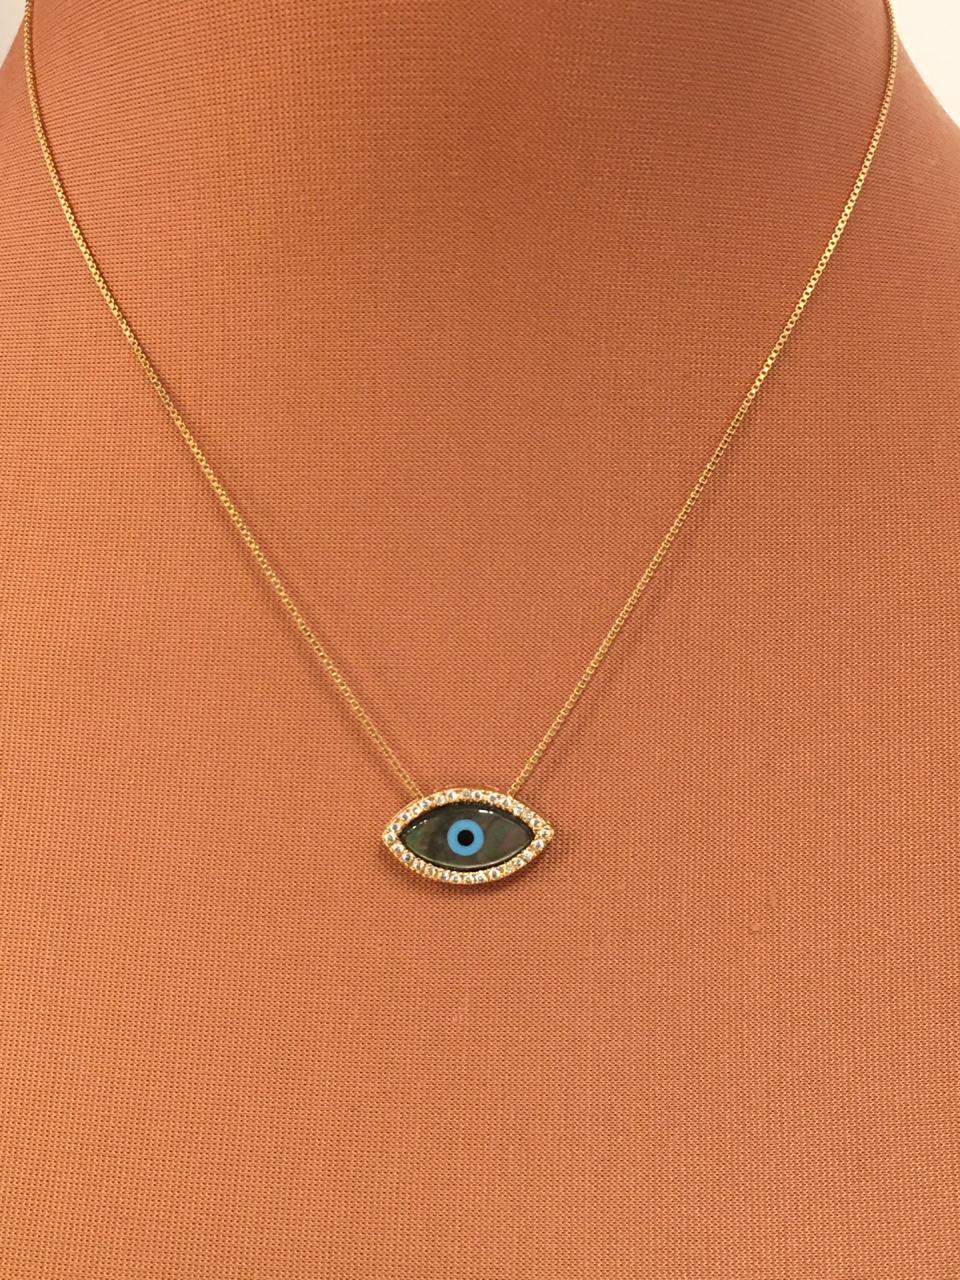 Colar folheado ping olho acizentado com zircônias em volta | CF376